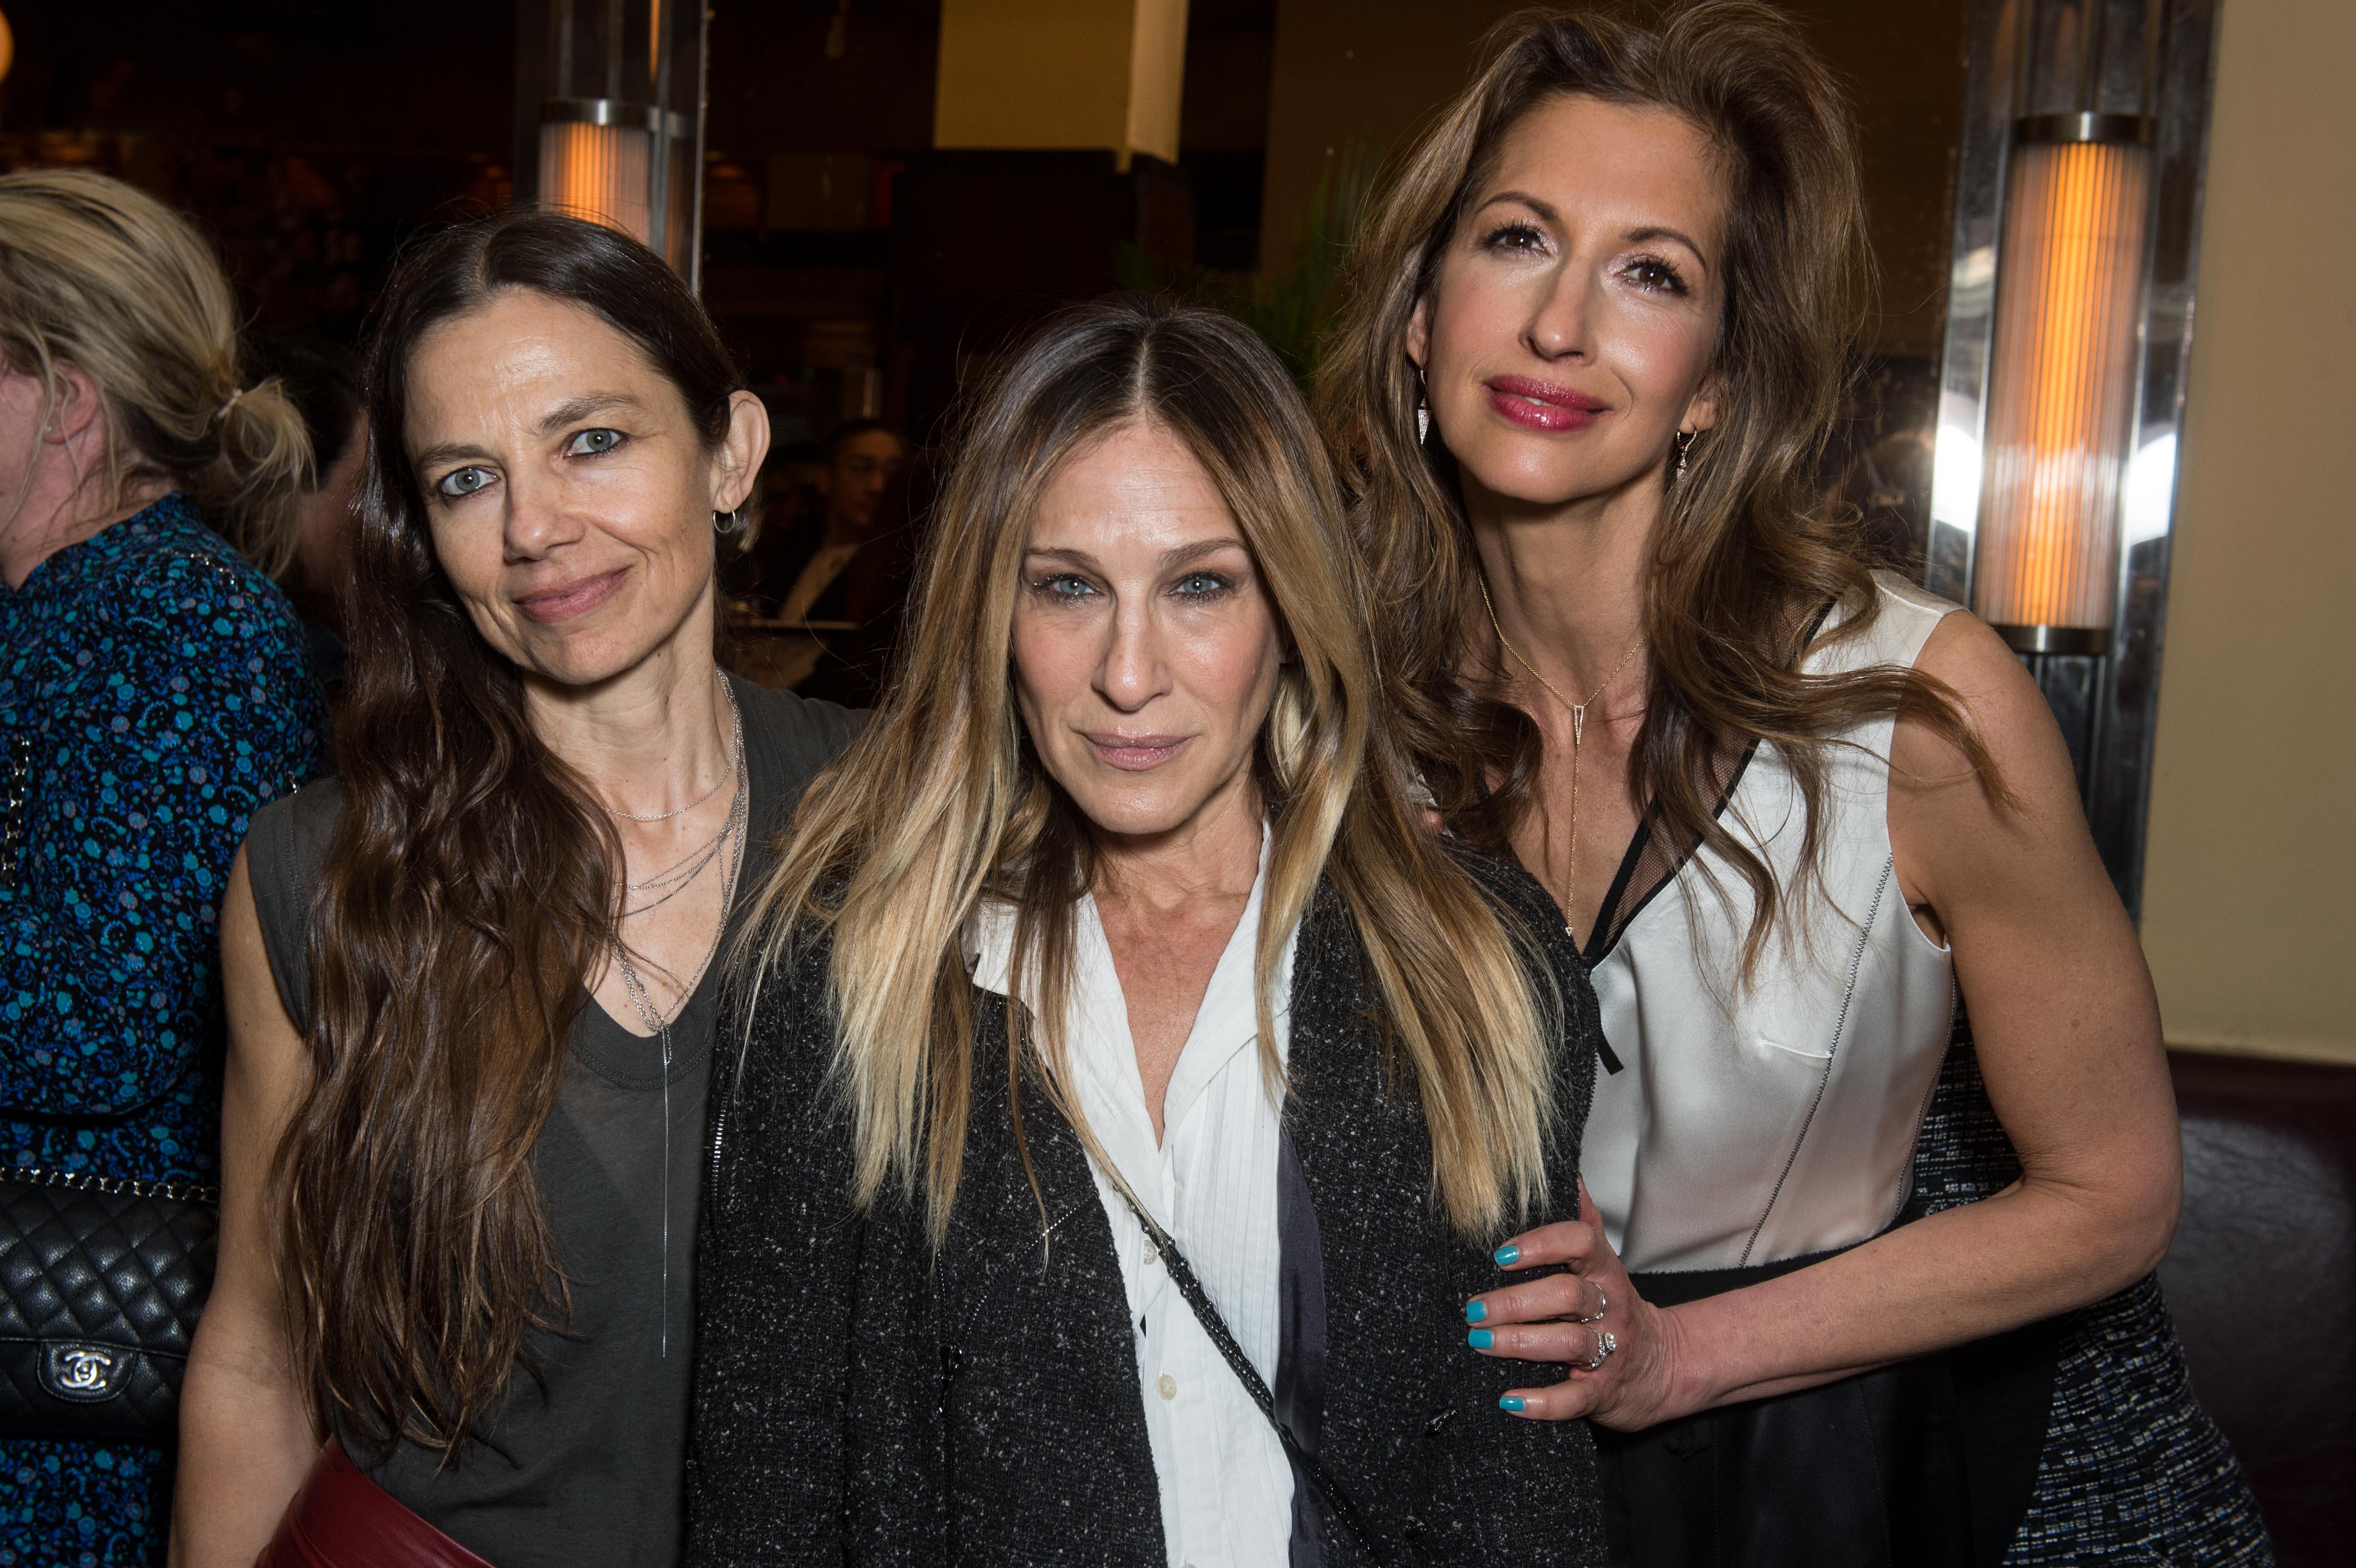 Justine Bateman, Sarah Jessica Parker, Alysia ReinerChanel x Tribeca Film Festival Women's Filmmaker luncheon, Odeon Restaurant, New York, USA - 20 Apr 2018